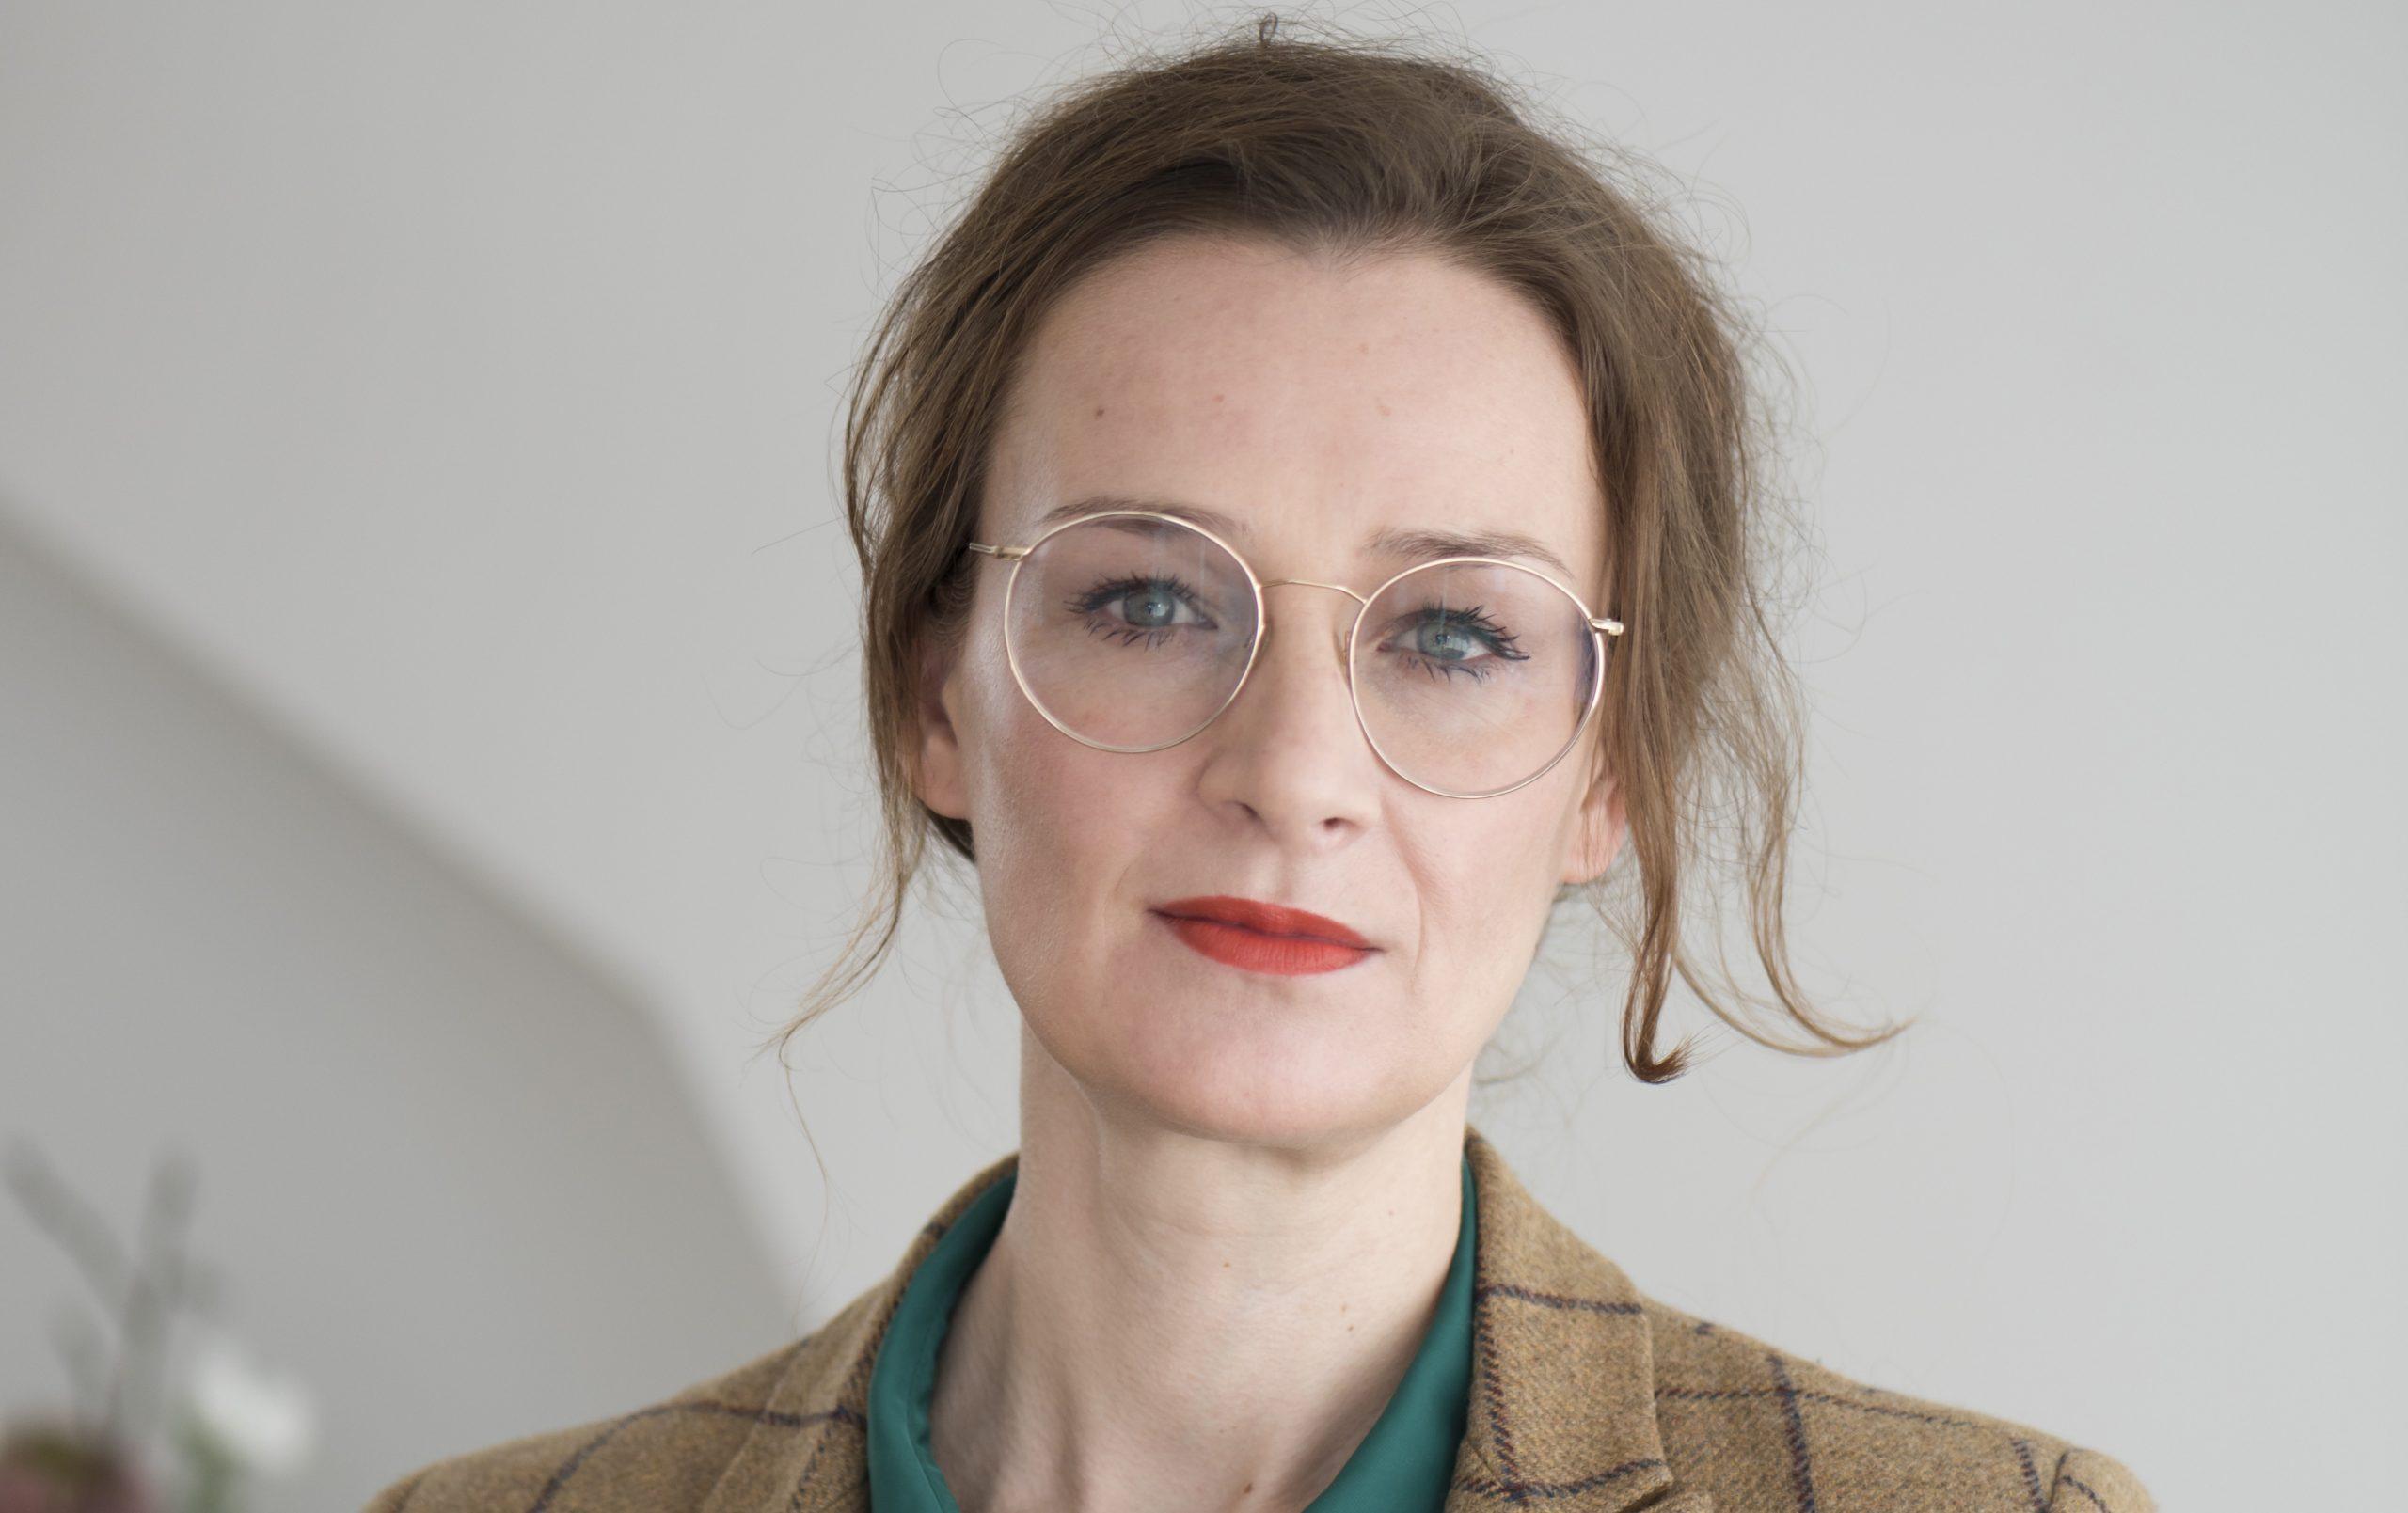 Auf dem Foto ist die Publizistin Franziska Schutzbach zu sehen, sie trägt eine flaschengrüne Bluse und einen karierten Blazer.